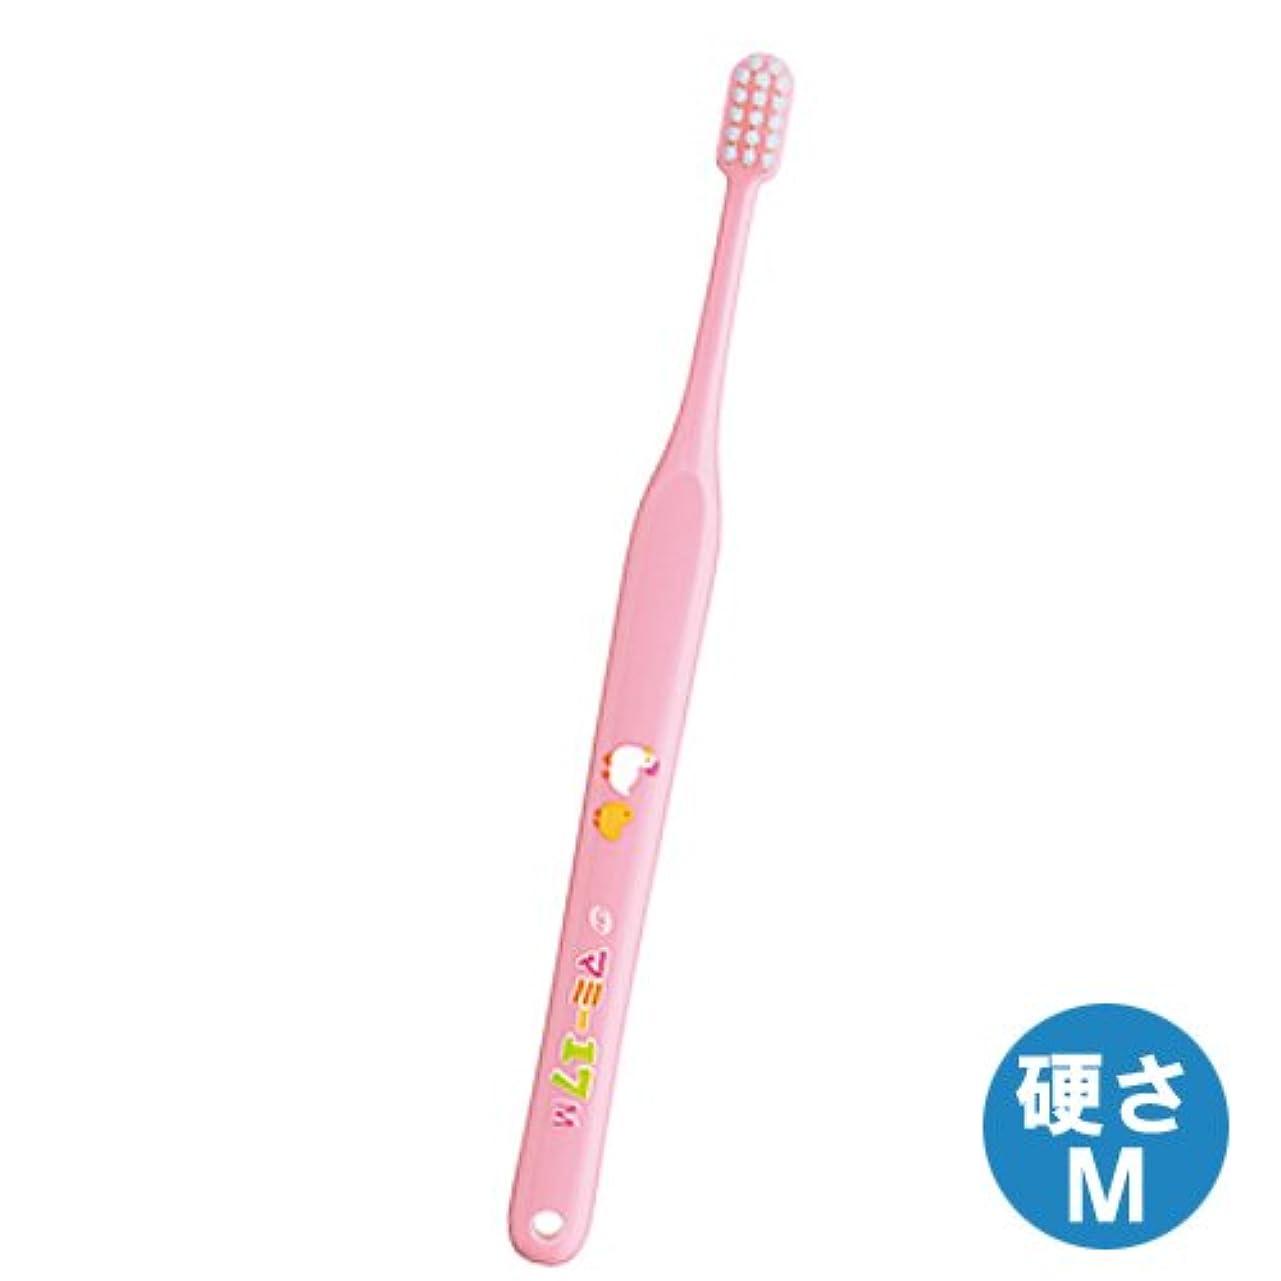 ピボット割り当てるビルダーマミー17歯ブラシ 1本 ミディアム(M)ピンク